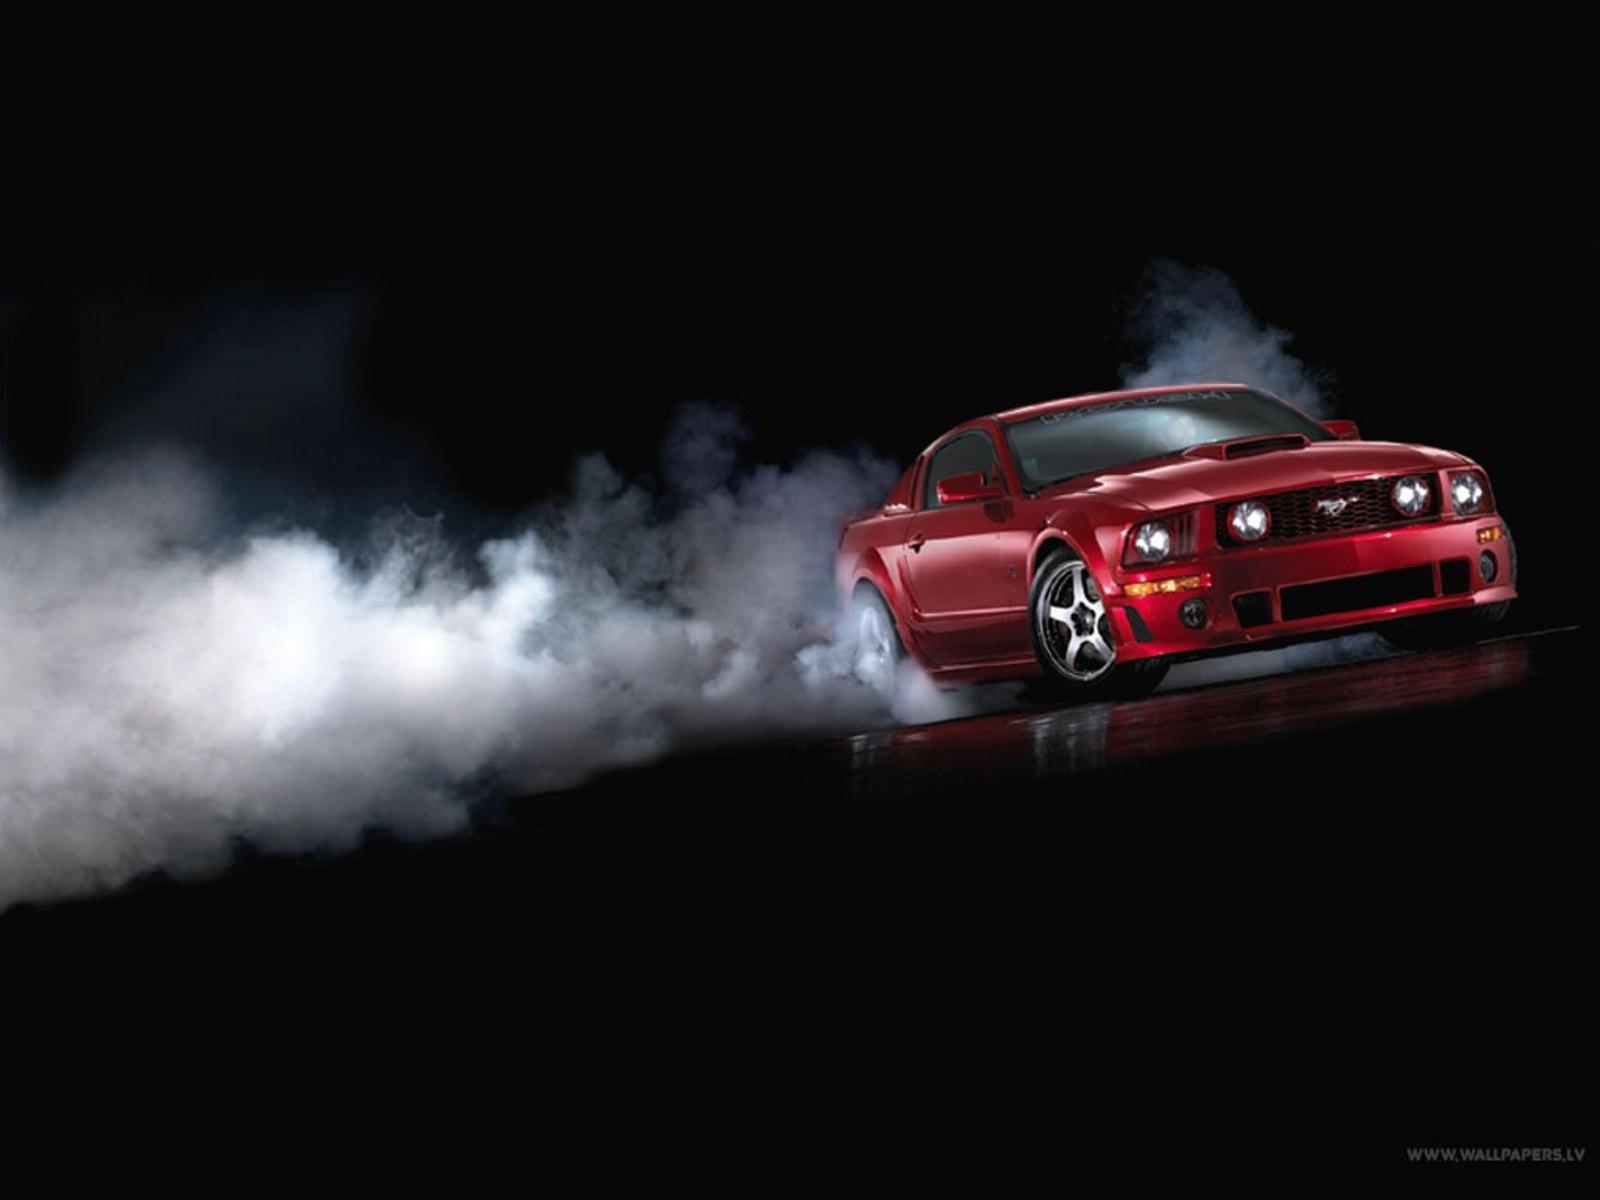 21402 скачать обои Транспорт, Машины, Мустанг (Mustang) - заставки и картинки бесплатно